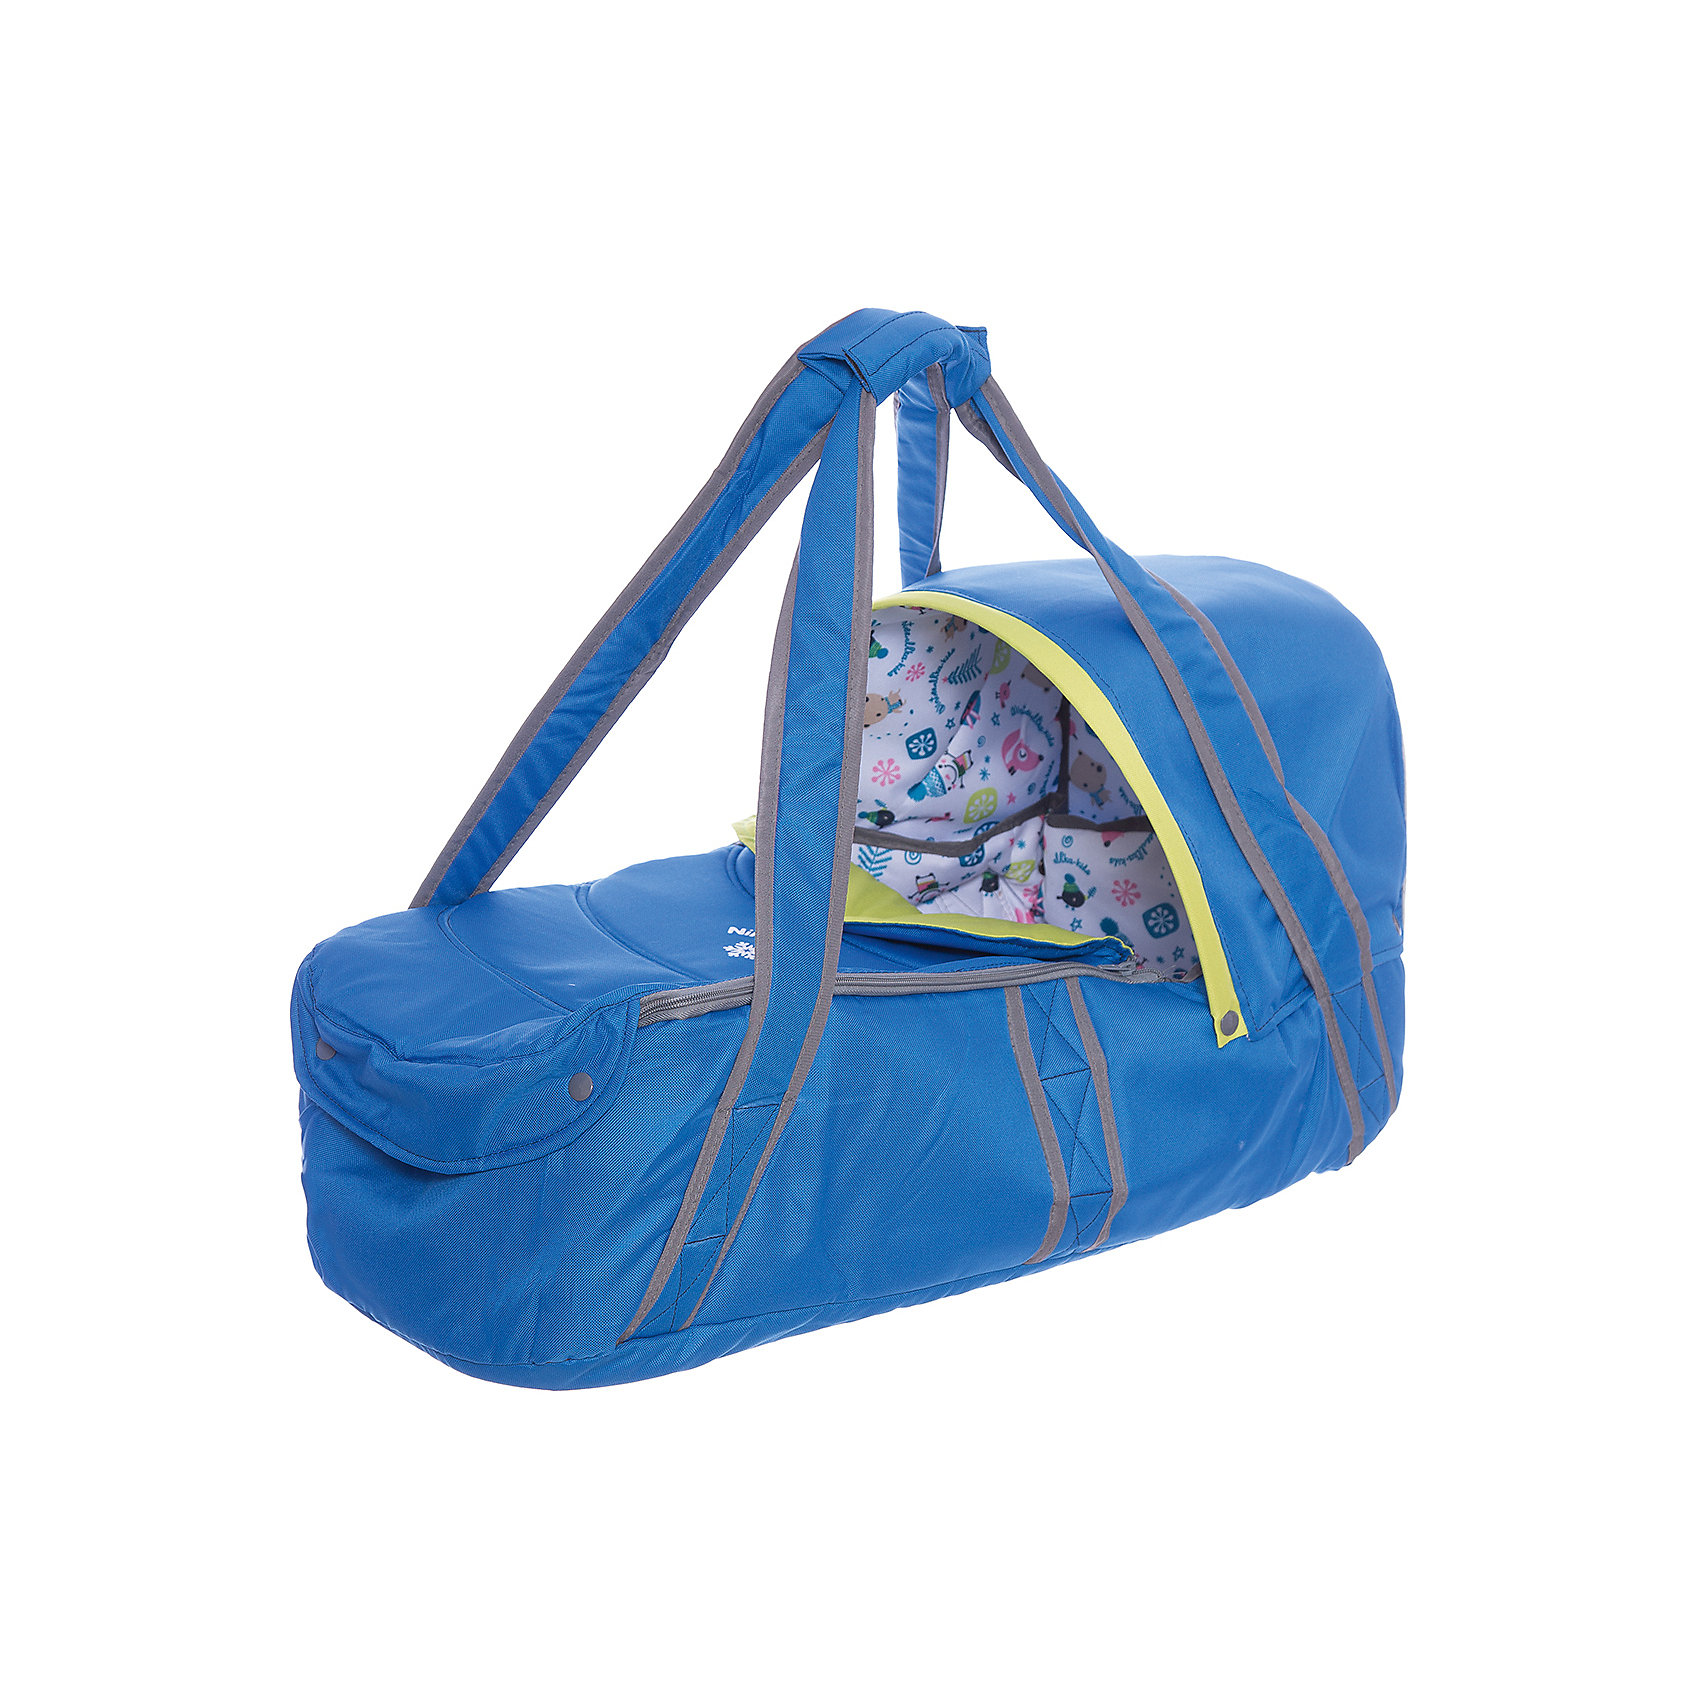 Люлька-переноска Л1, Ника, синийСлинги и рюкзаки-переноски<br>Люлька-переноска Л1, Ника, синий – удобство и комфорт для вашего малыша.<br>Люлька имеет жесткое дно для правильного формирования позвоночника ребенка. В ней очень комфортно спать. Дополнительно идет капюшон, который можно пристегнуть в холодную ветреную погоду для защиты от осадков. Удобные ручки для переноса. Открывается люлька с помощью молнии. Подходит для вкладыша в санки-коляски.<br><br>Дополнительная информация:<br><br>- размер: 80 х 40 х 30 см.<br>- вес: 7,6 кг.<br>- цвет: синий<br><br>Люльку-переноску Л1, Ника, синий можно купить в нашем интернет магазине.<br><br>Ширина мм: 670<br>Глубина мм: 300<br>Высота мм: 300<br>Вес г: 1400<br>Цвет: синий<br>Возраст от месяцев: 0<br>Возраст до месяцев: 6<br>Пол: Мужской<br>Возраст: Детский<br>SKU: 4998930